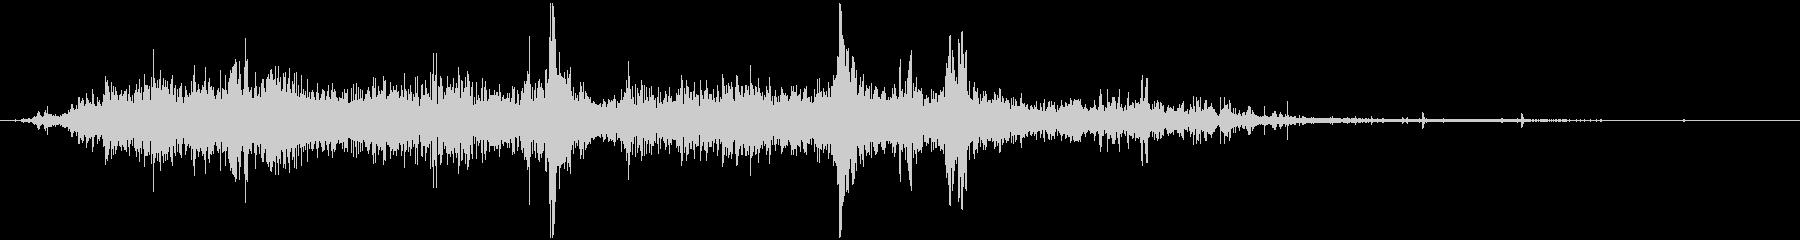 【環境音】 42 水 / スプラッシュの未再生の波形